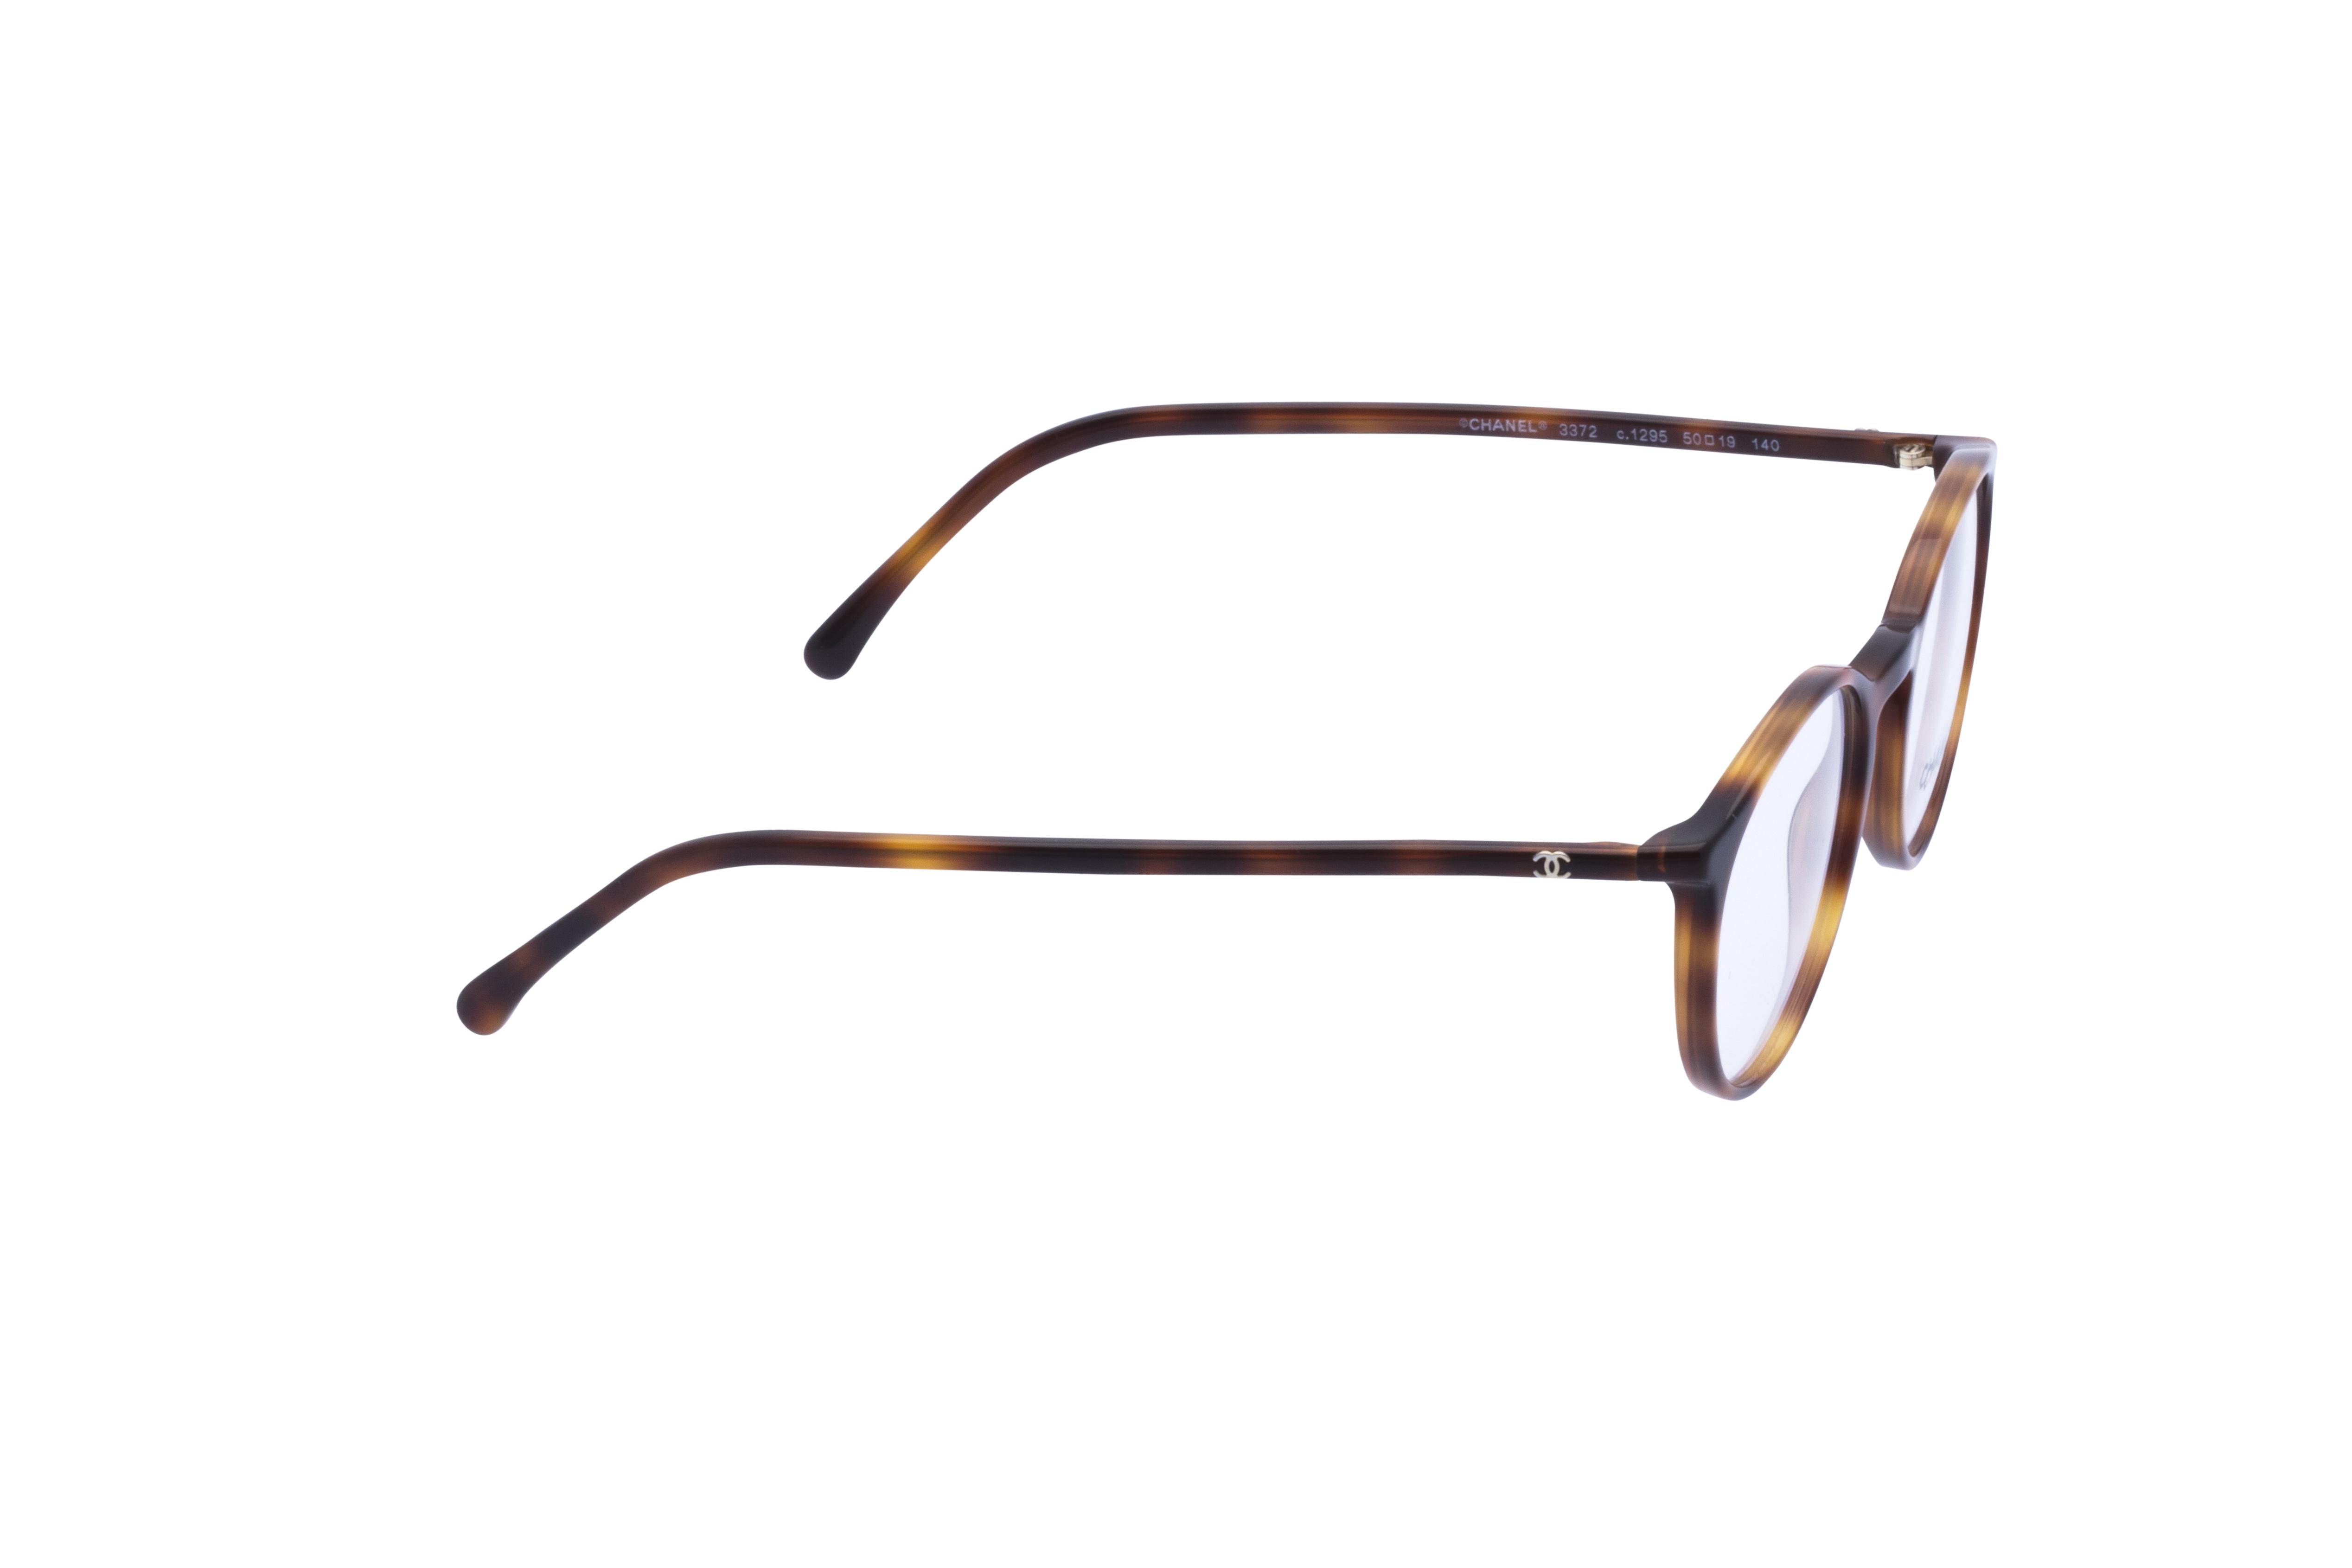 360 Grad Ansicht 5 Chanel 3372 Frontansicht, Brille auf Weiß - Fassung bei KUNK